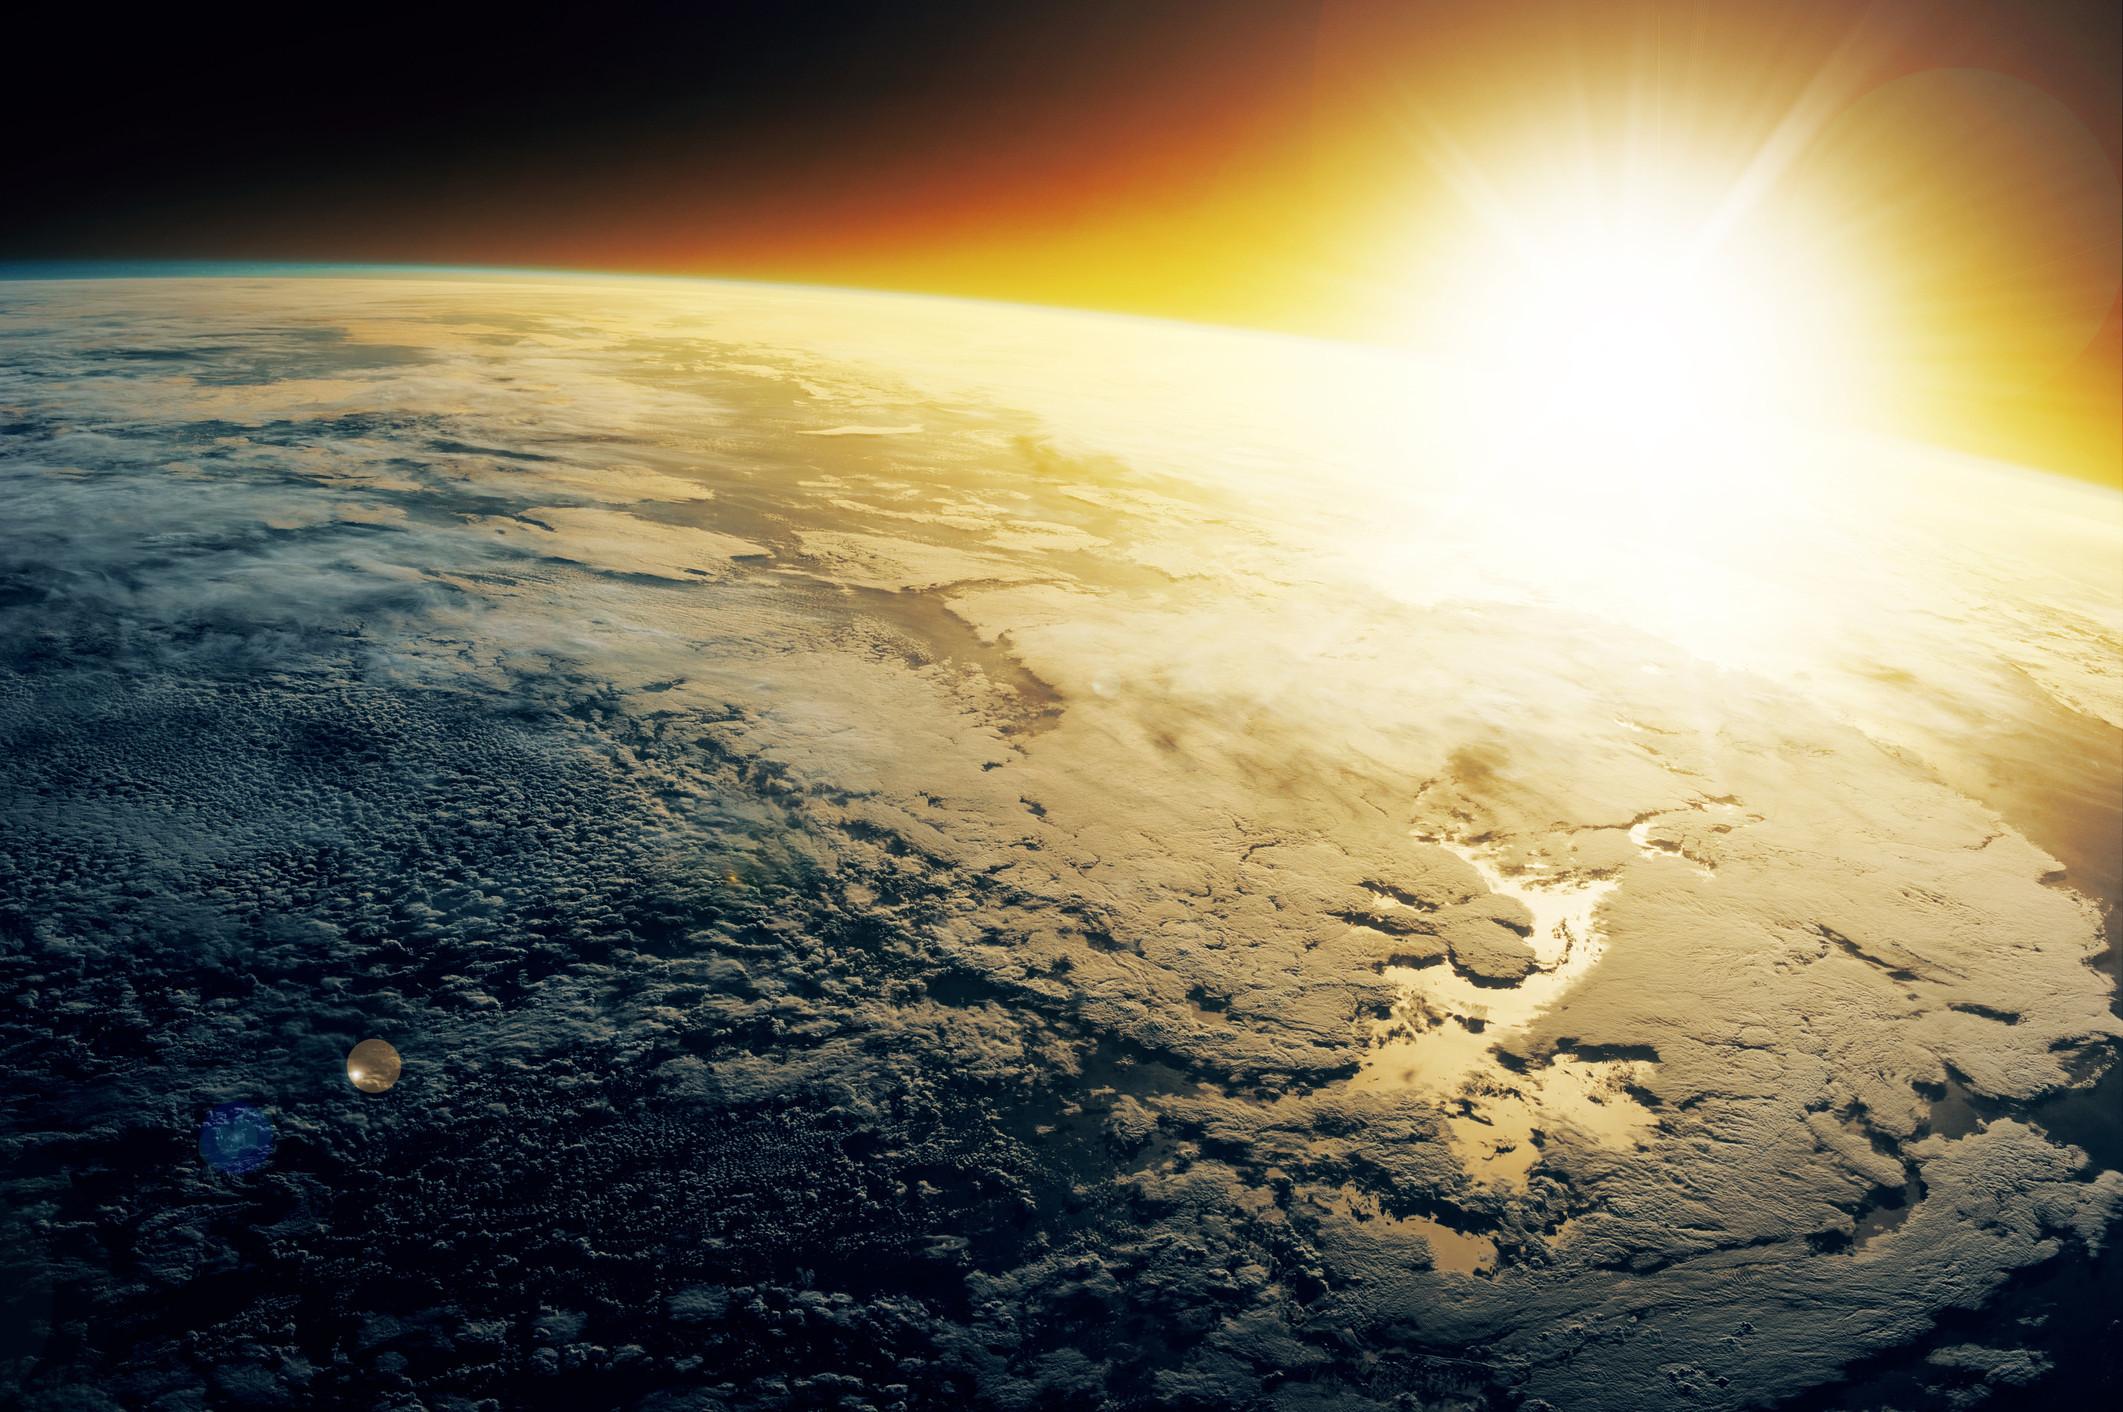 Como é viver no espaço? Conheça algumas curiosidades fascinantes